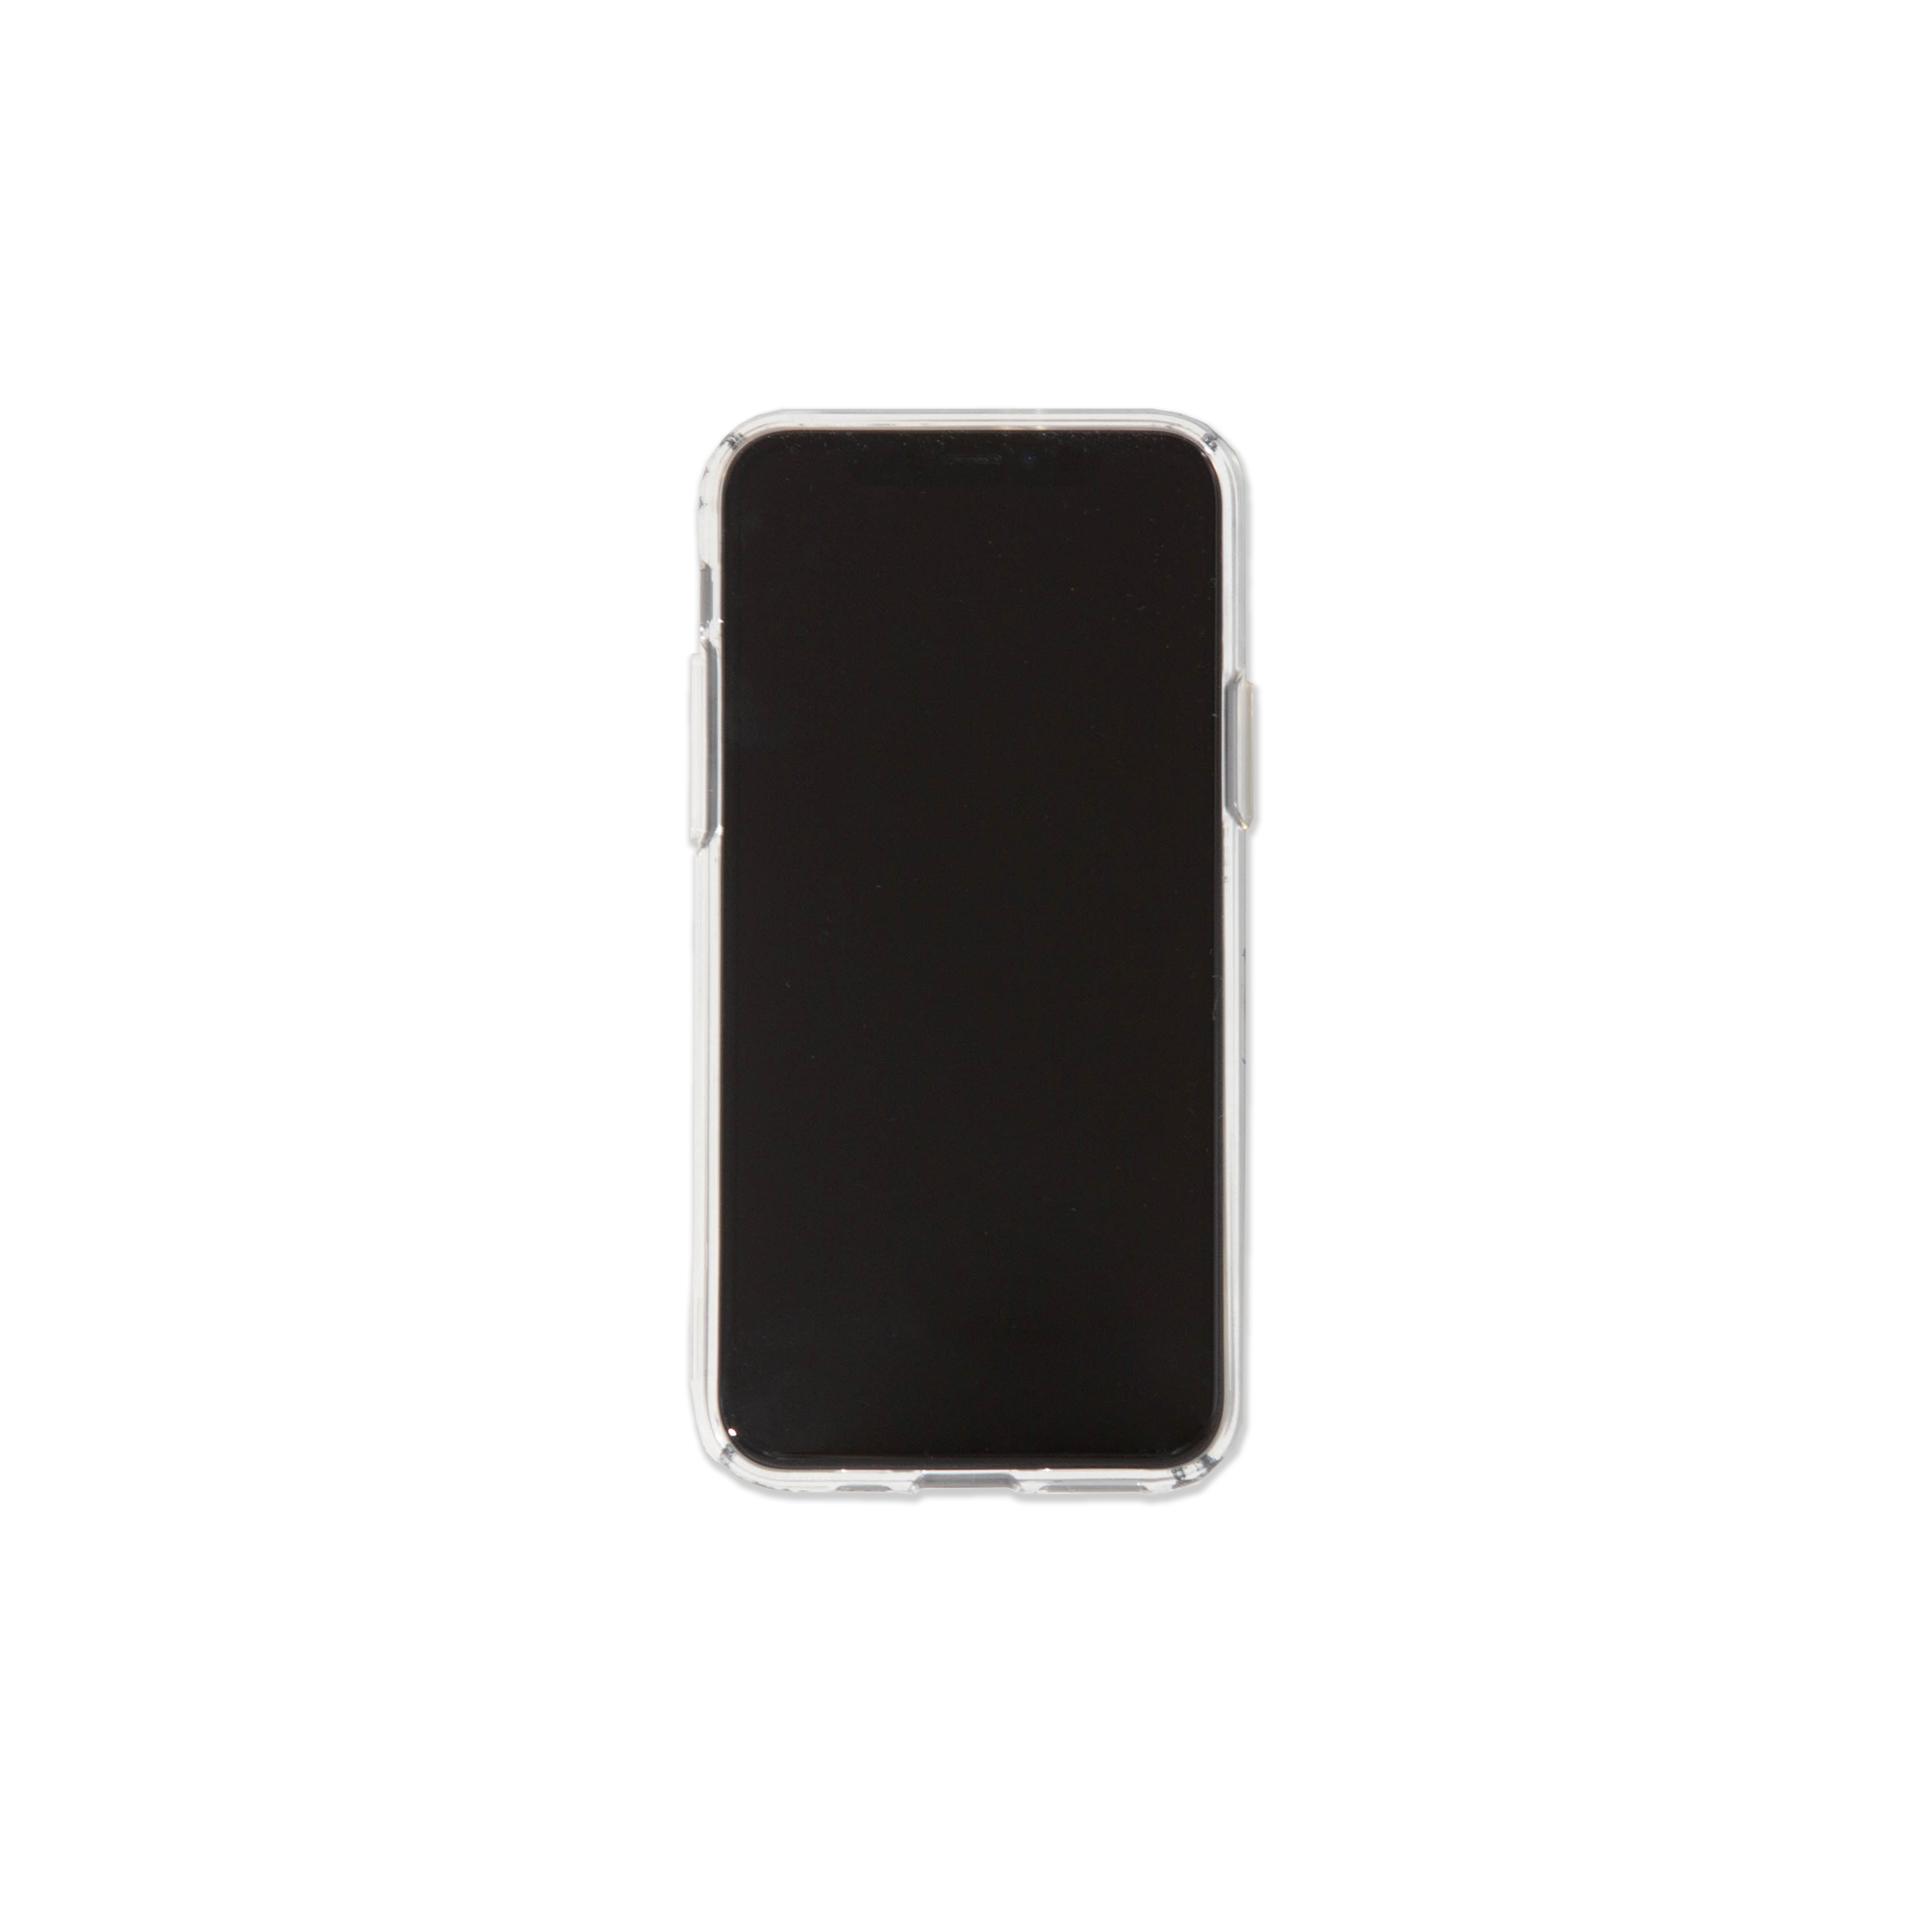 엘엠씨(LMC) LMC GRAFFITI OG IPHONE 11 PRO JELL CASE clear